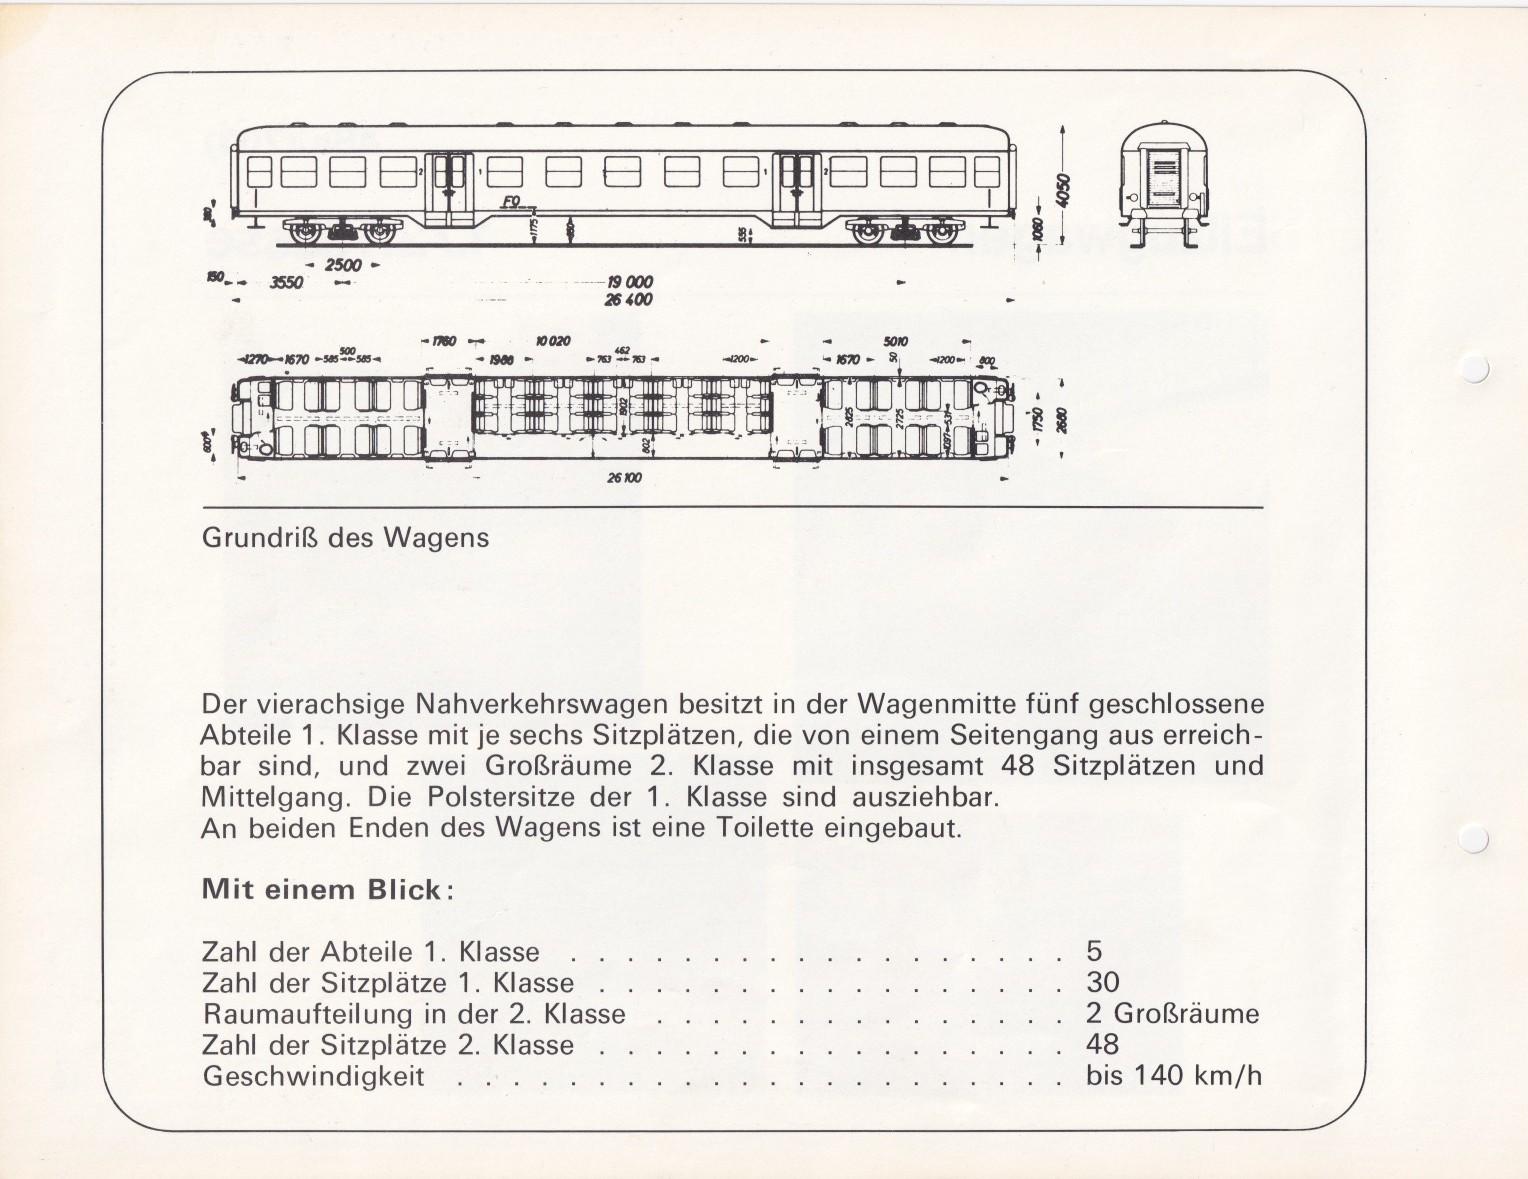 https://www.nullclub.de/hifo/Fahrzeuglexikon/Wagen16b.jpg